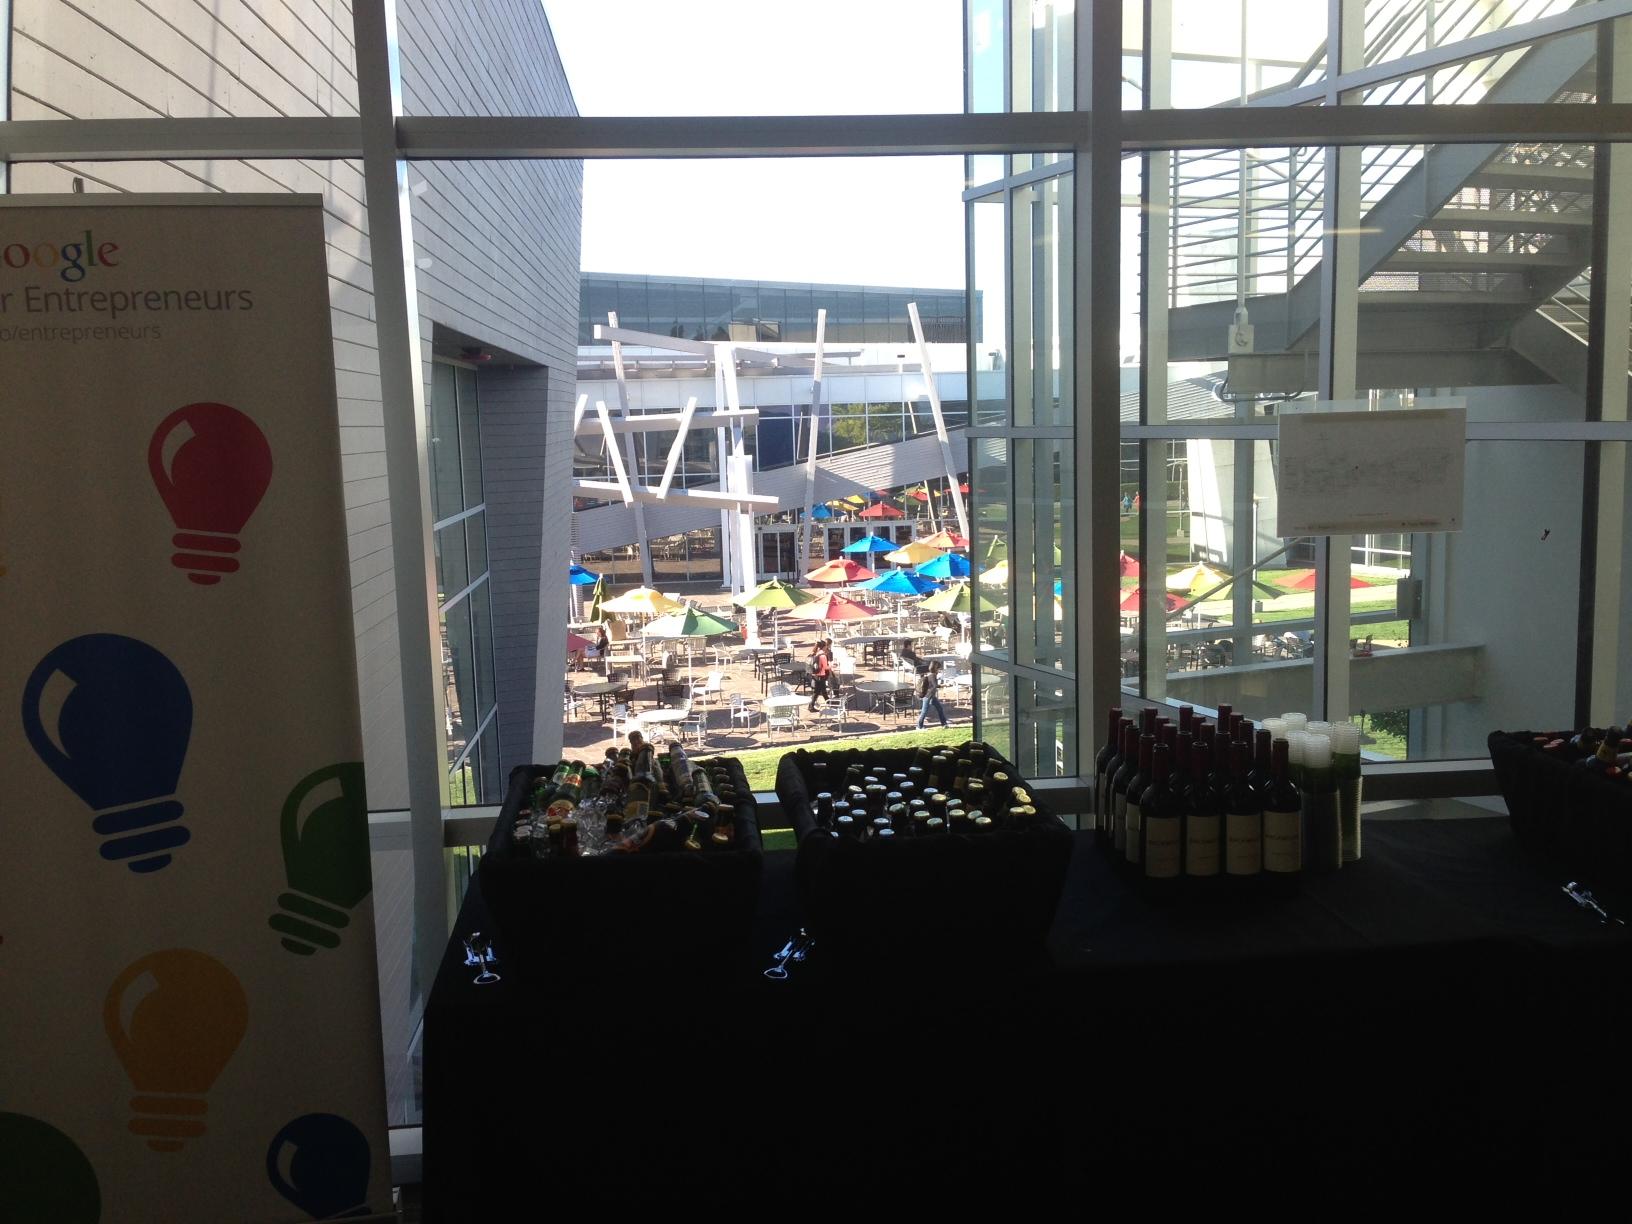 Startup Grind event at Google